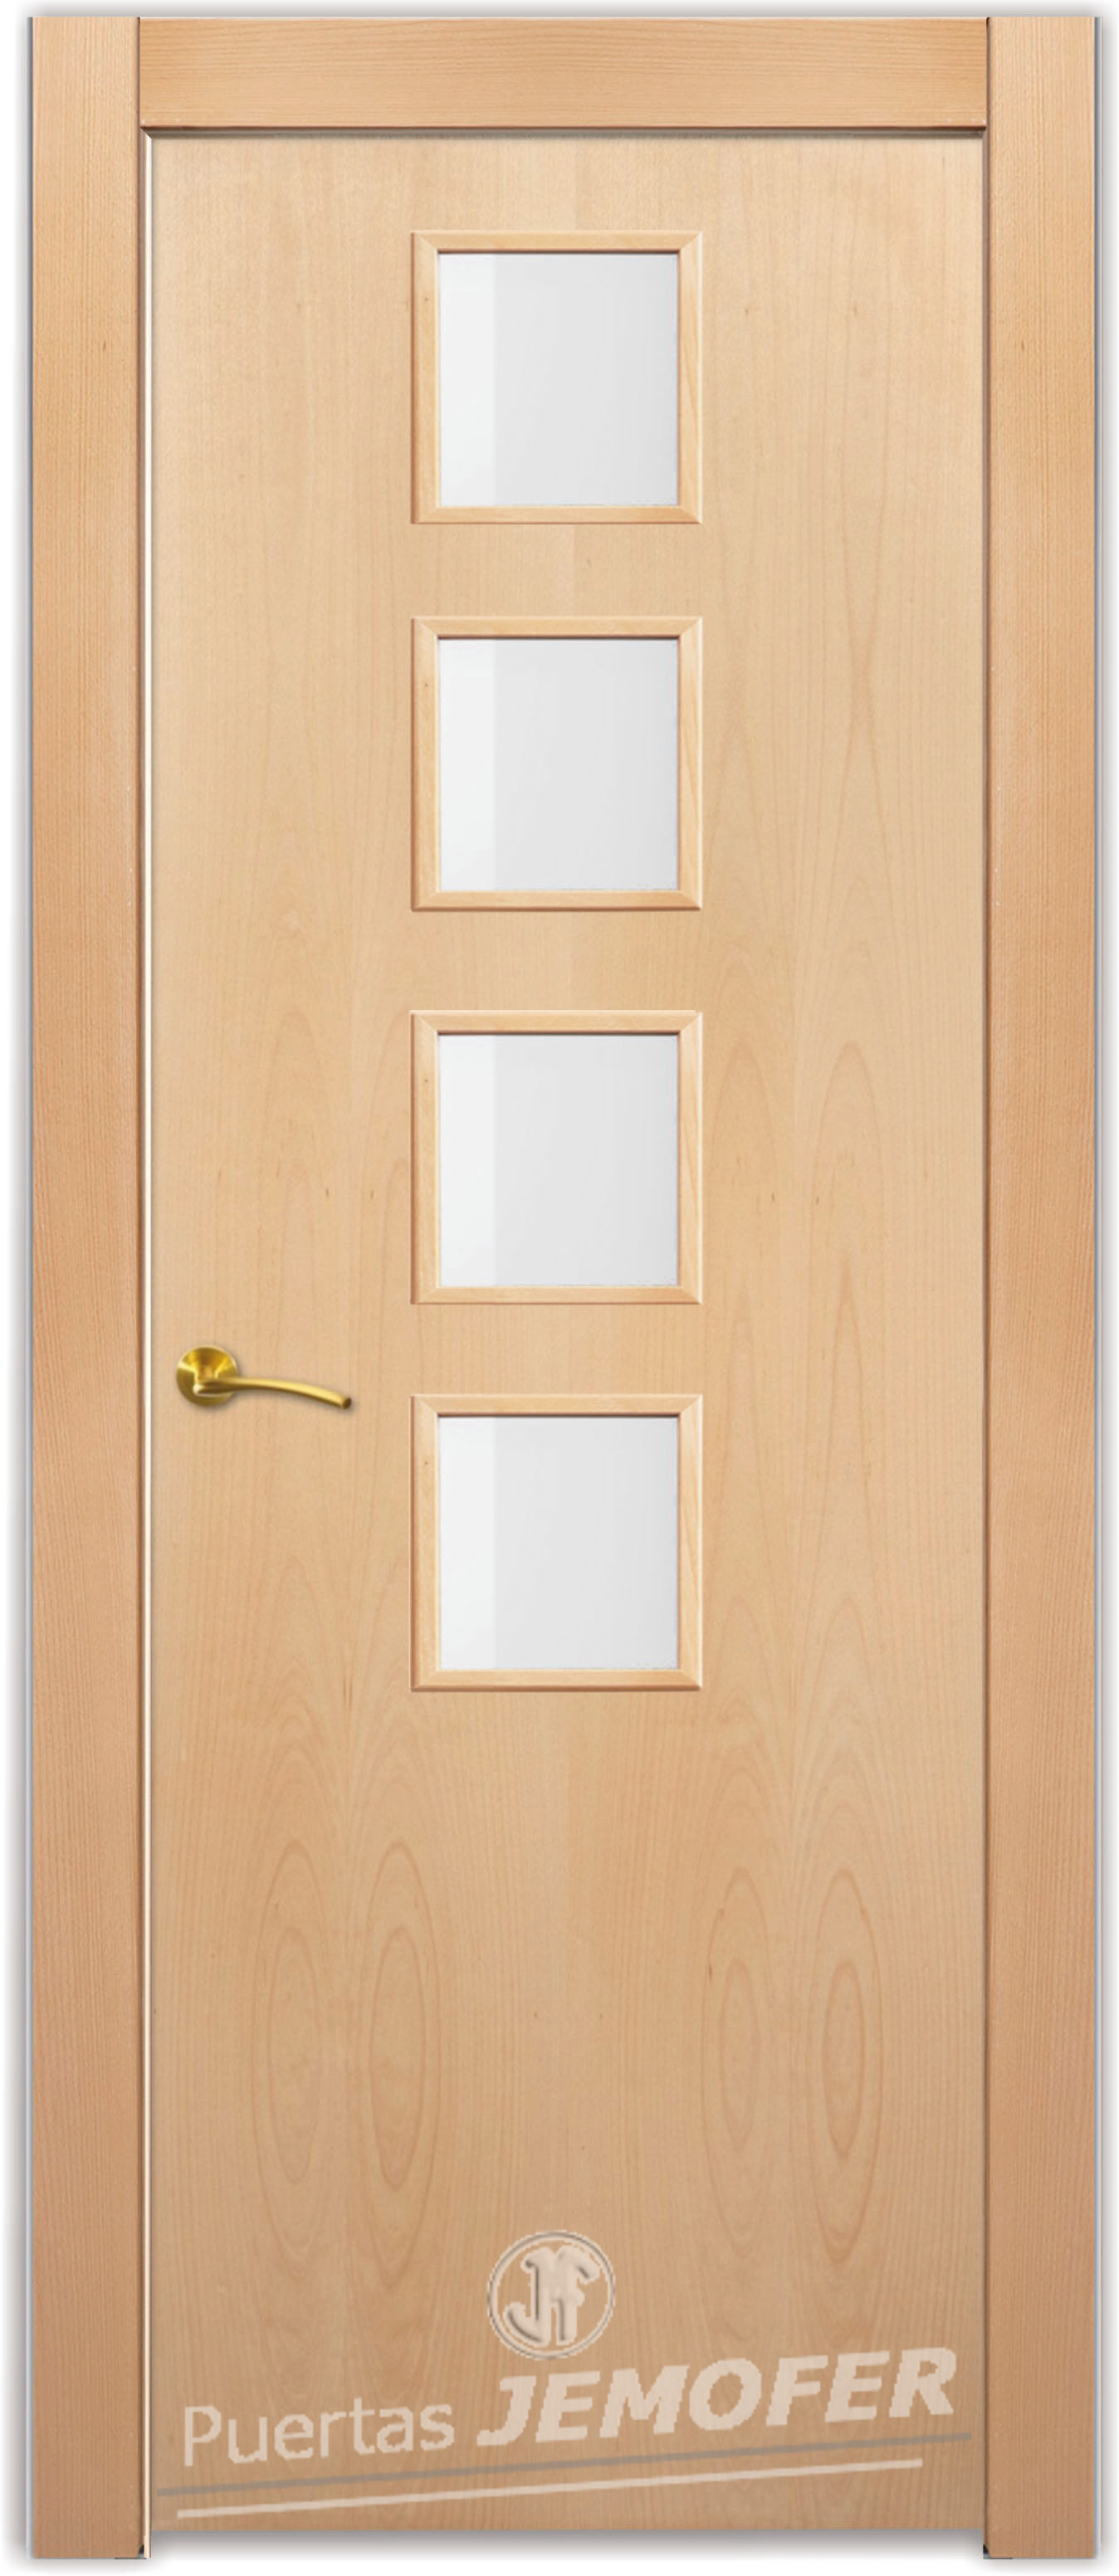 puerta interior moderna l1 4vc puertas jemofer